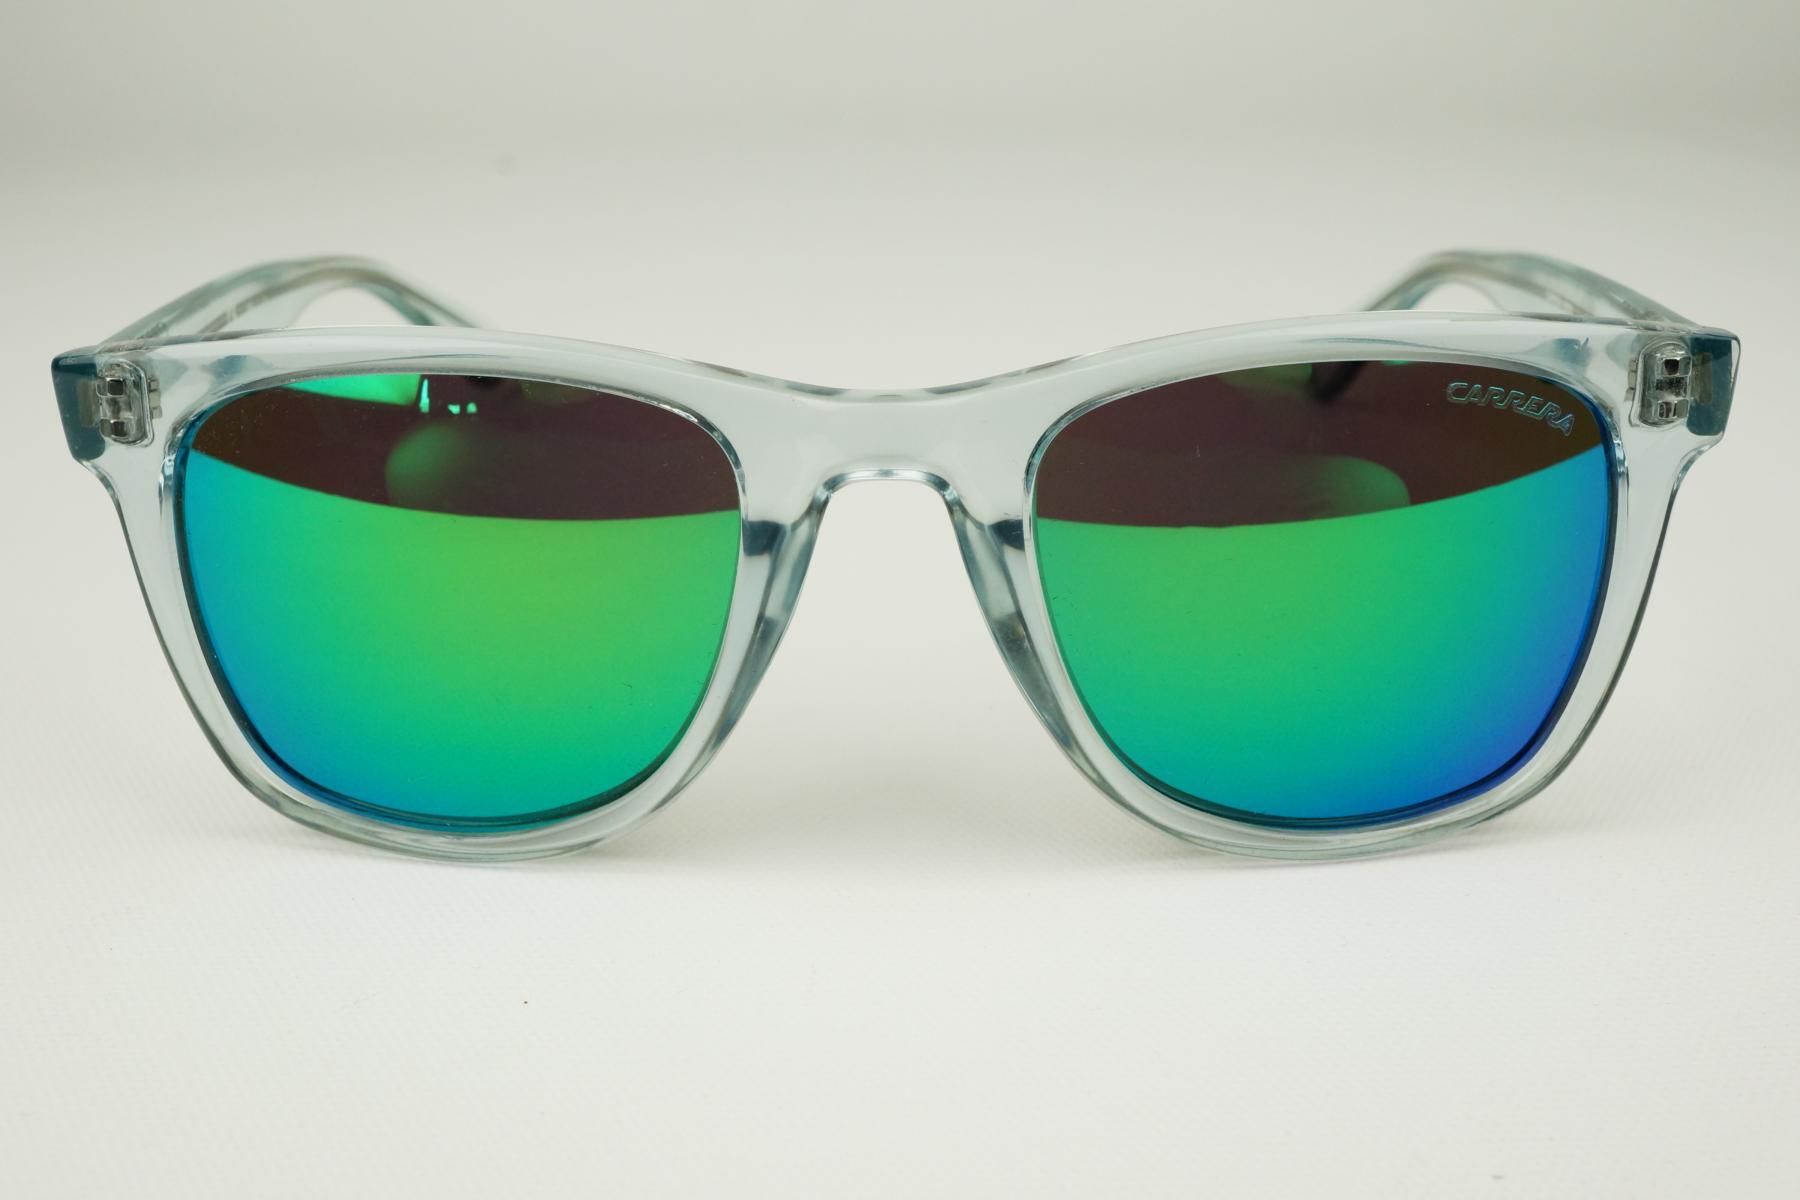 carrera sonnenbrille luxusbrille durchsichtig gr n. Black Bedroom Furniture Sets. Home Design Ideas